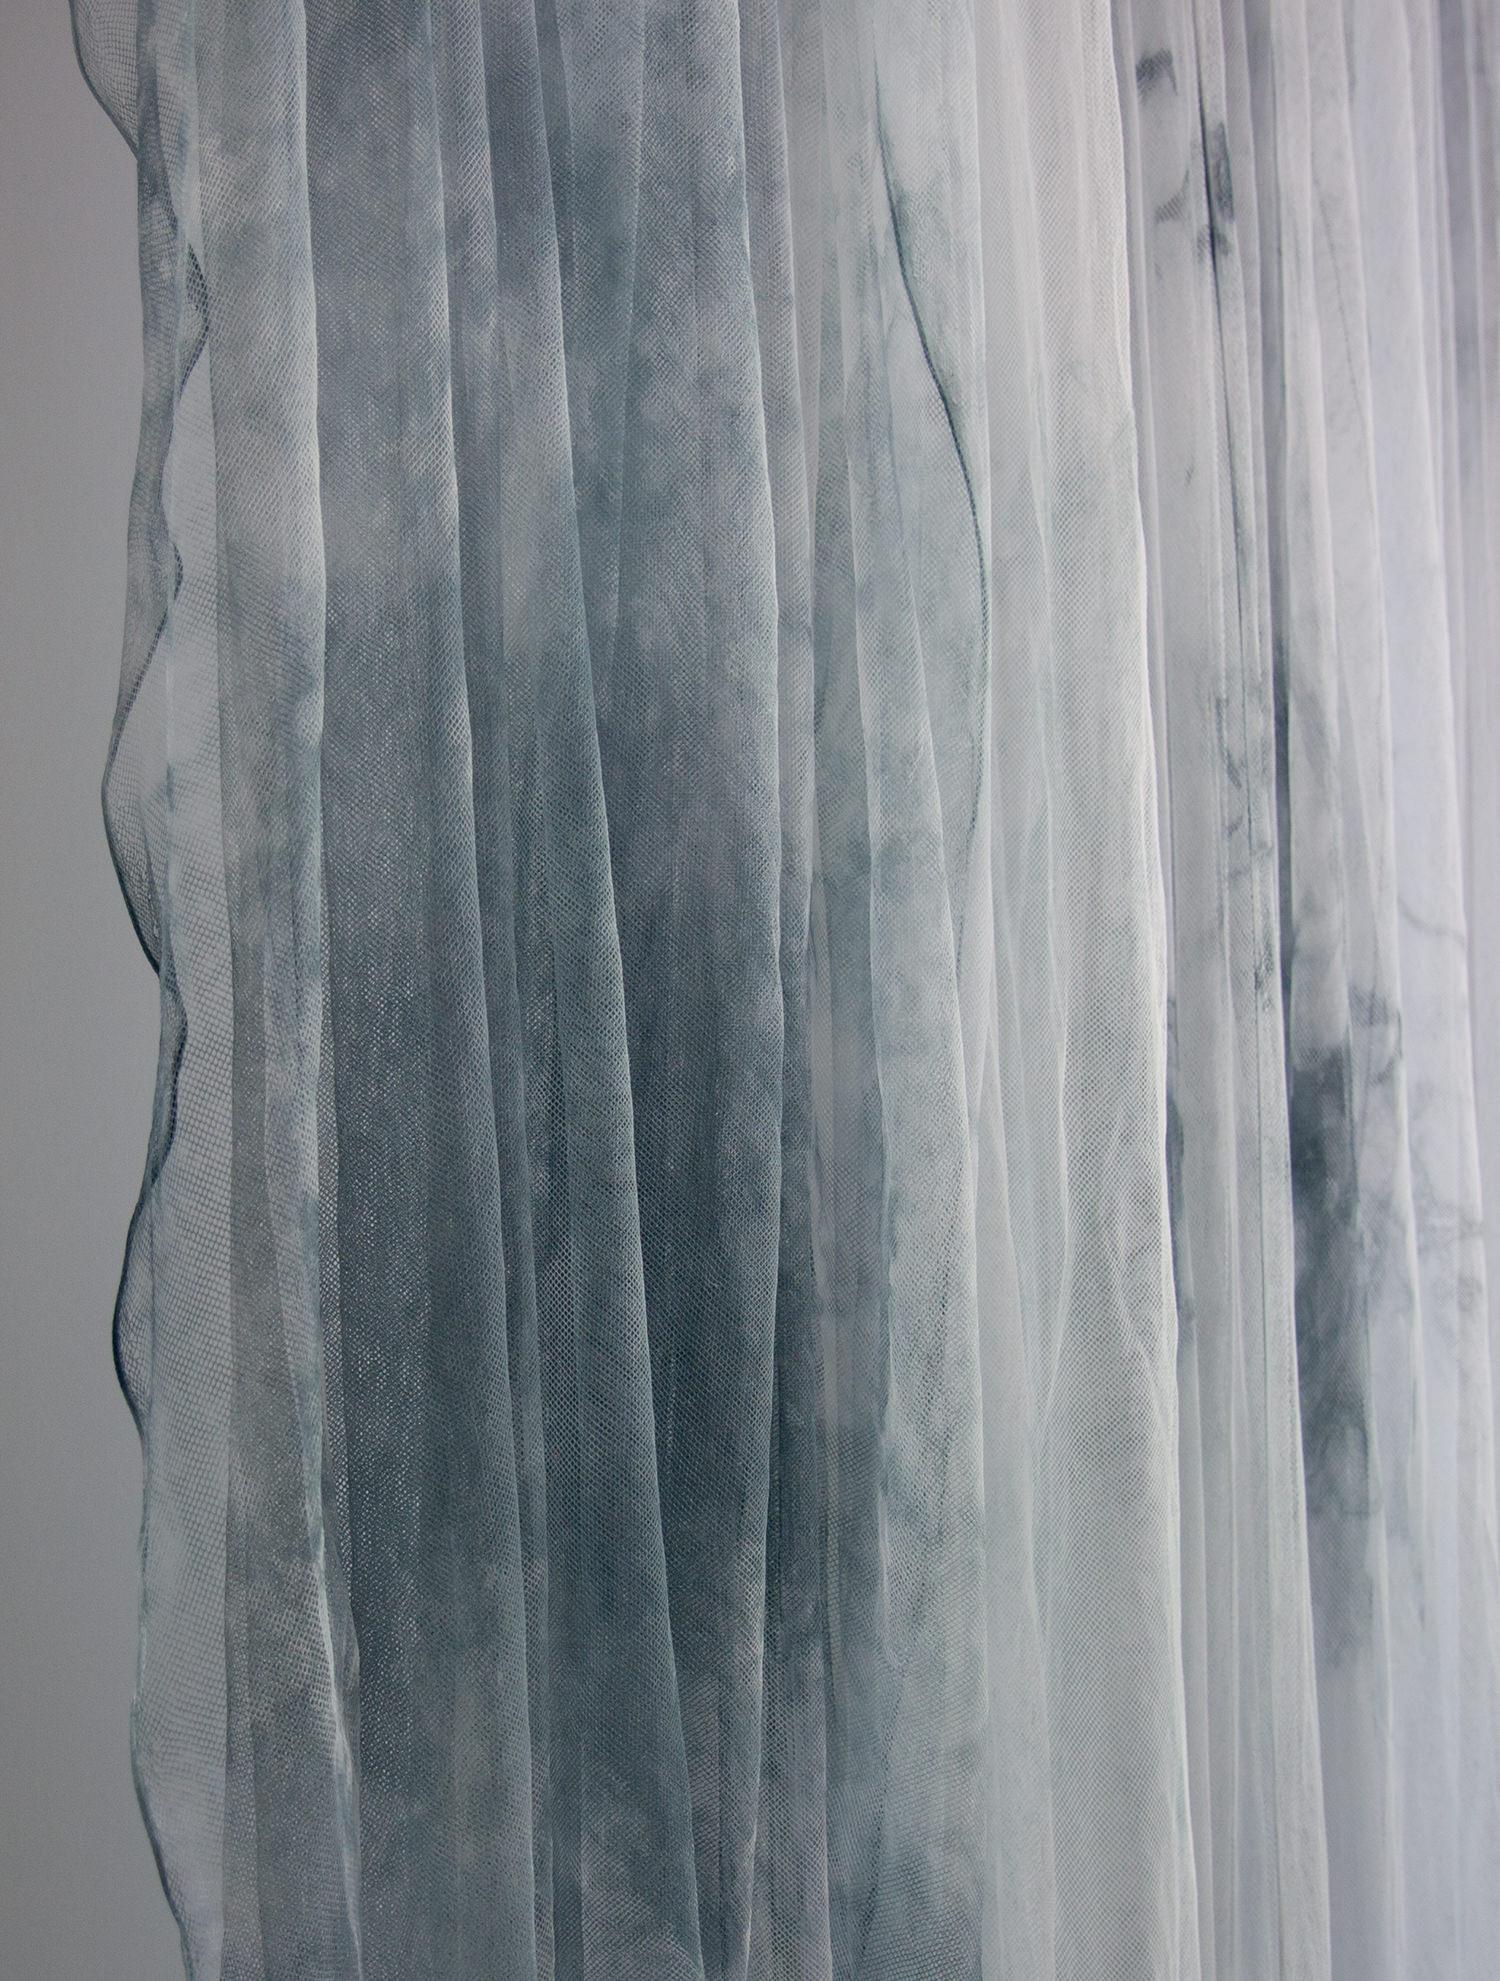 LOVLI-modern-backdrops-tulle-blue-Nadia-06.jpg